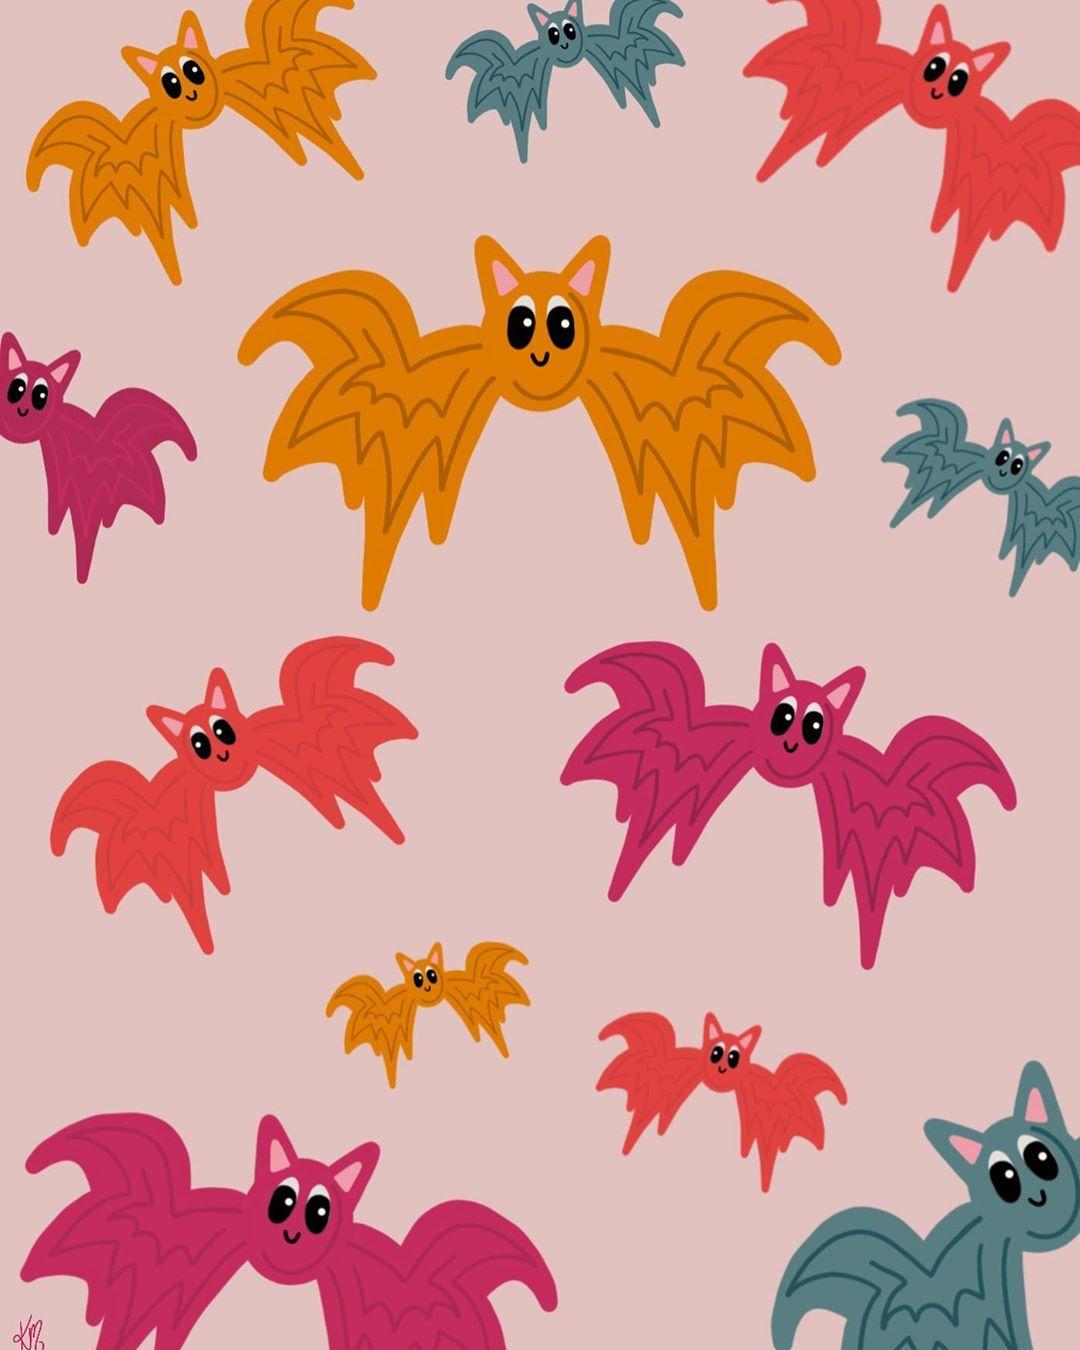 """Kayleigh Messner on Instagram: """"Bats bats bats. #graphicdesign #graphicdesigner #graphicart #graphicartists #digitalart #digitalartist #digitalillustration #vector…"""""""